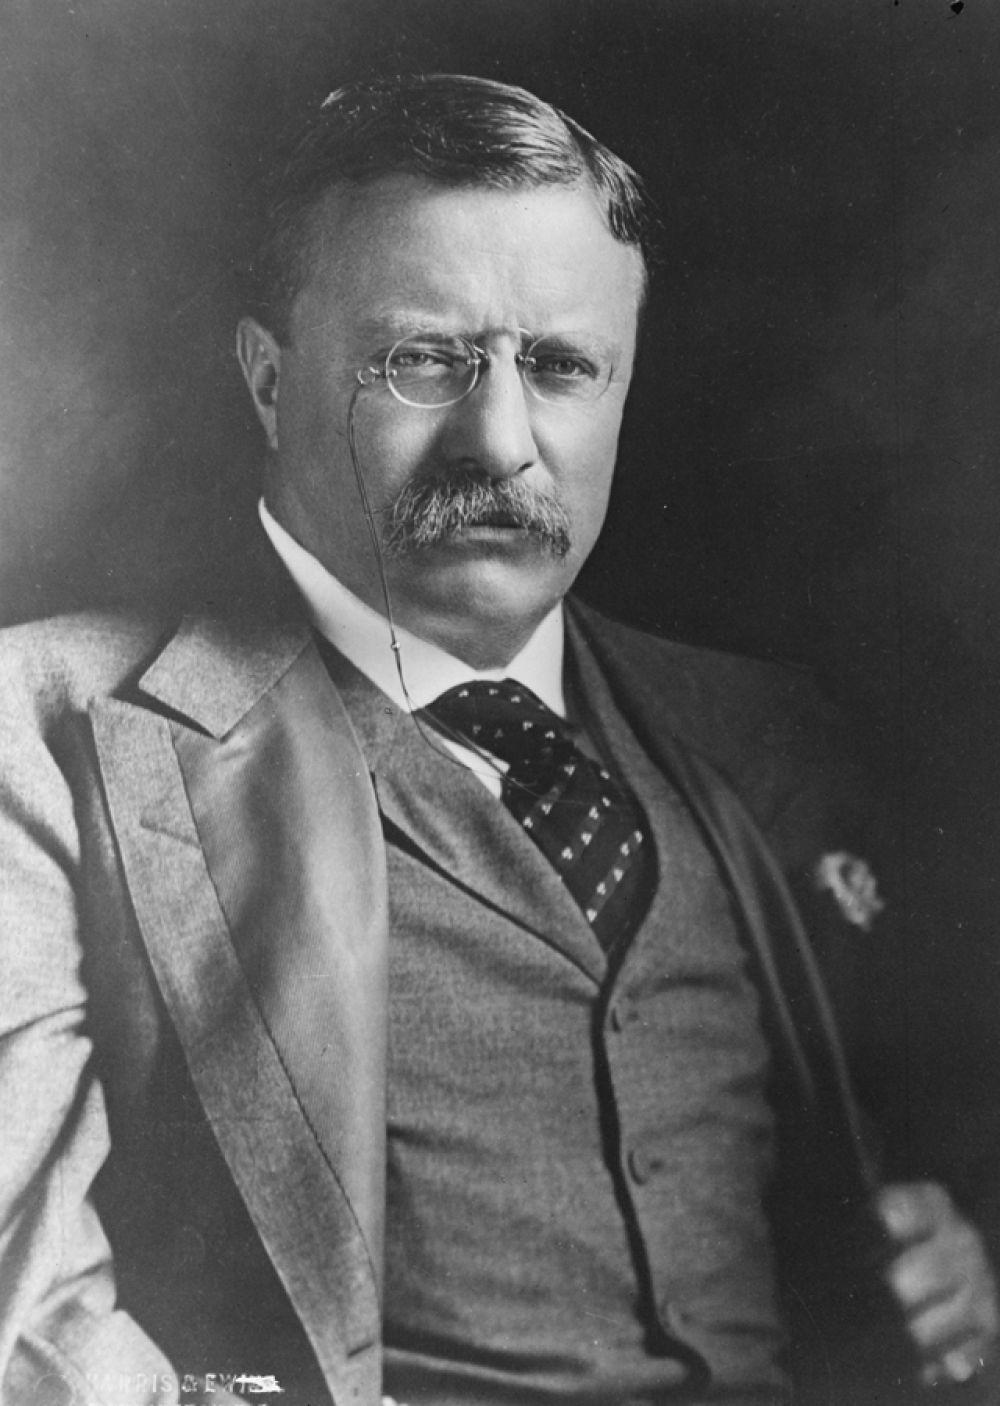 26-й президент США Теодор Рузвельт окончил Гарвард в 1880 году.